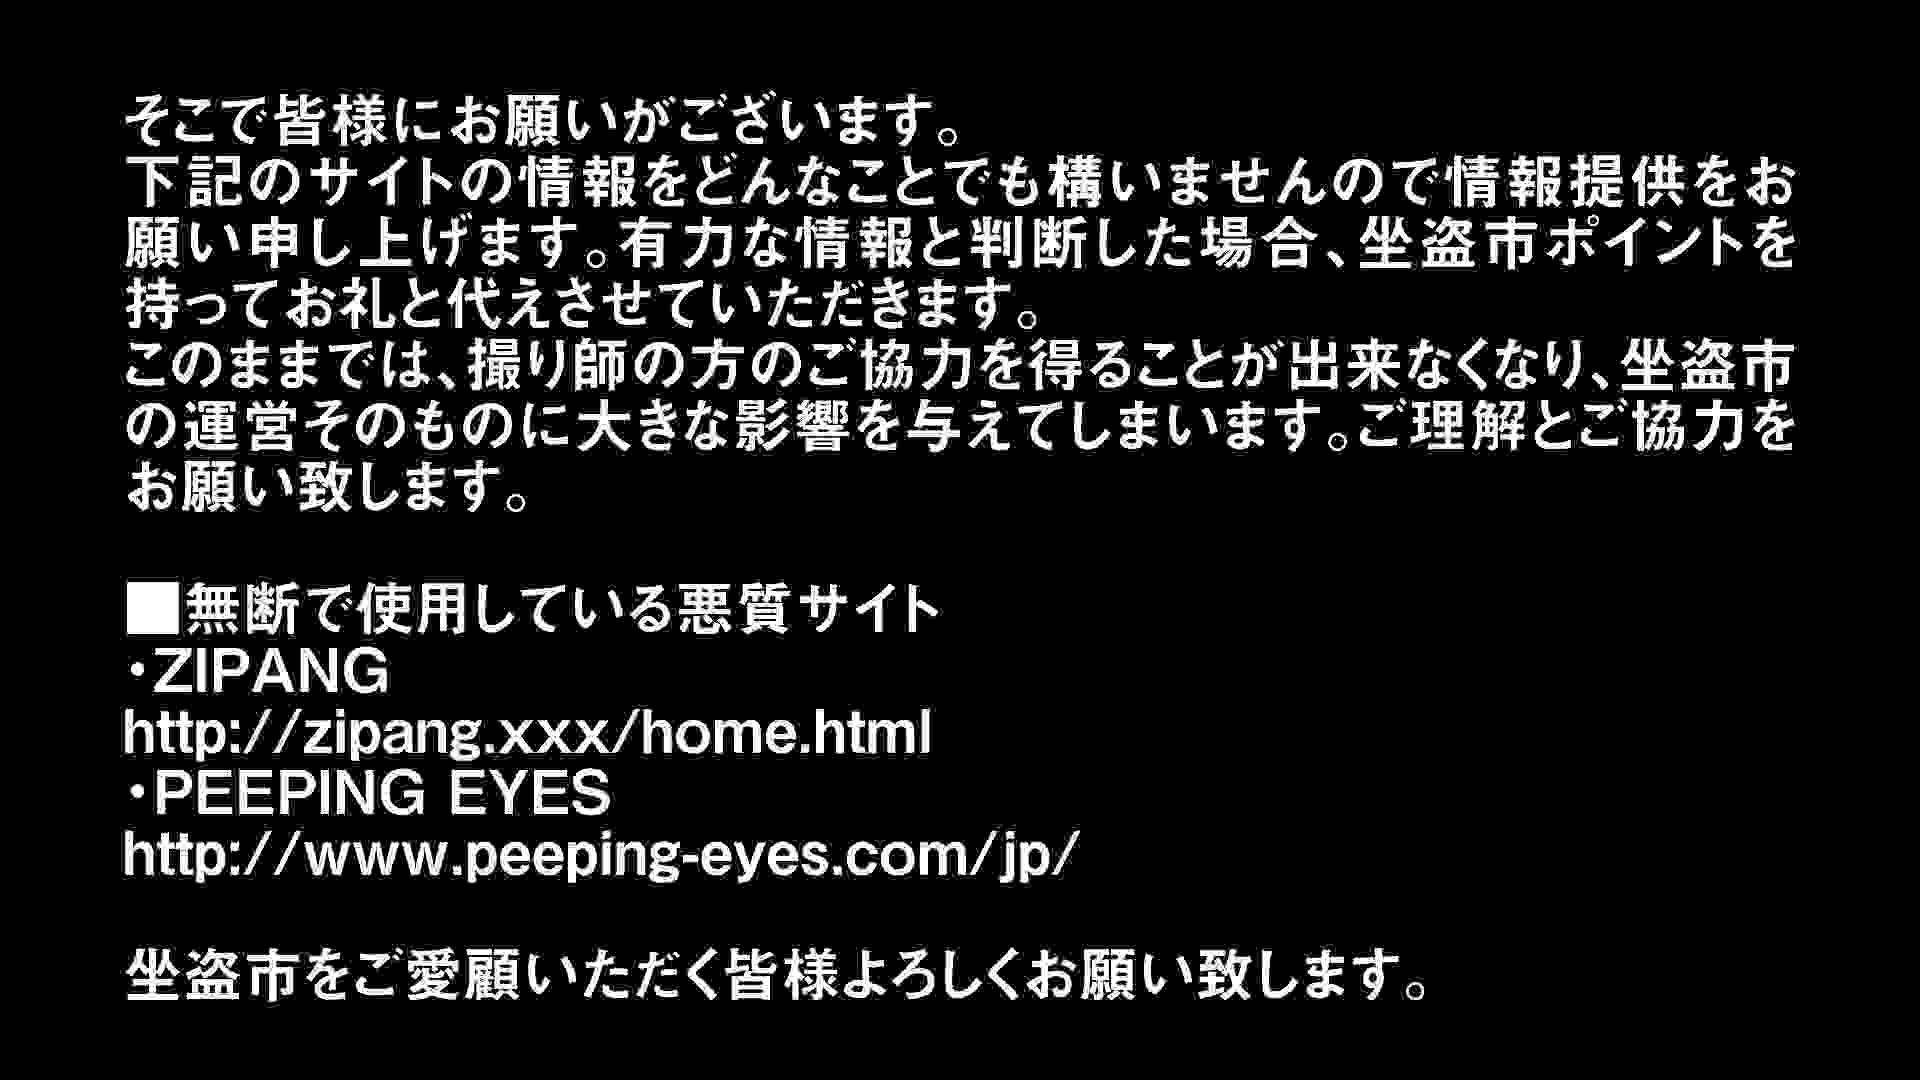 Aquaな露天風呂Vol.297 女体盗撮  91連発 42